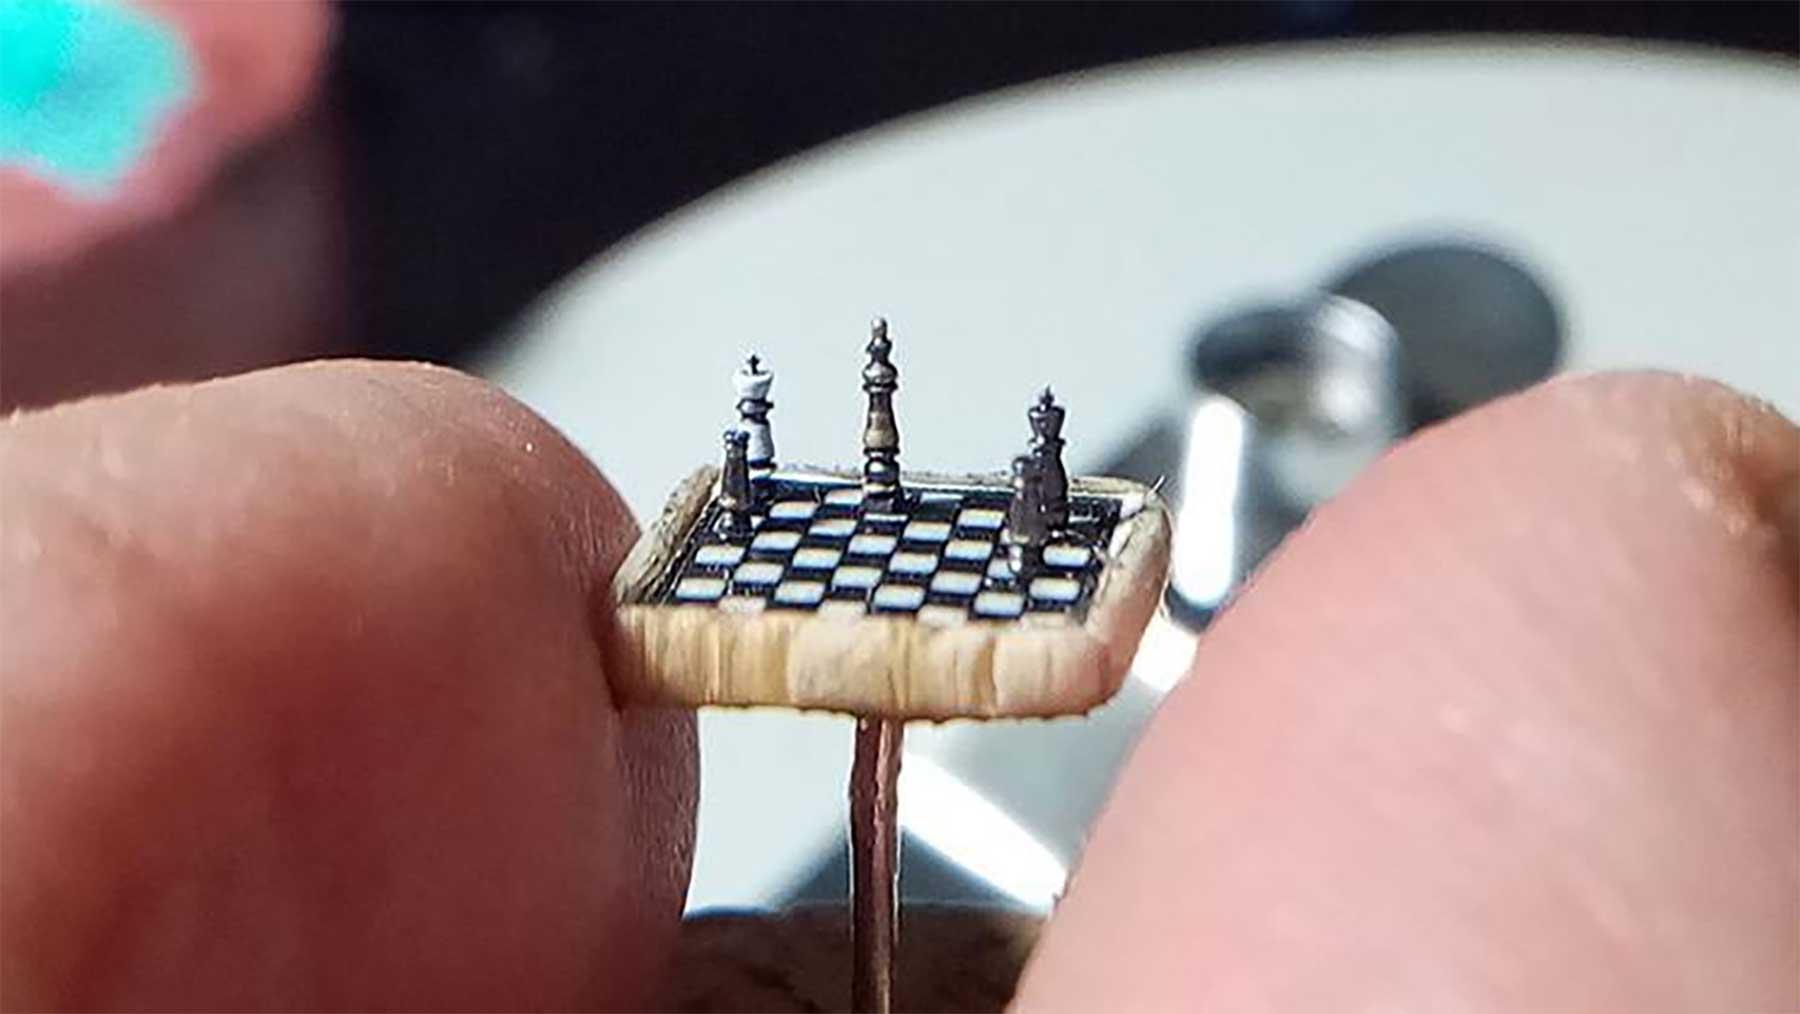 Das ist ein Brett: Kleinstes Schachspiel der Welt kleinste-schachbrett-der-welt